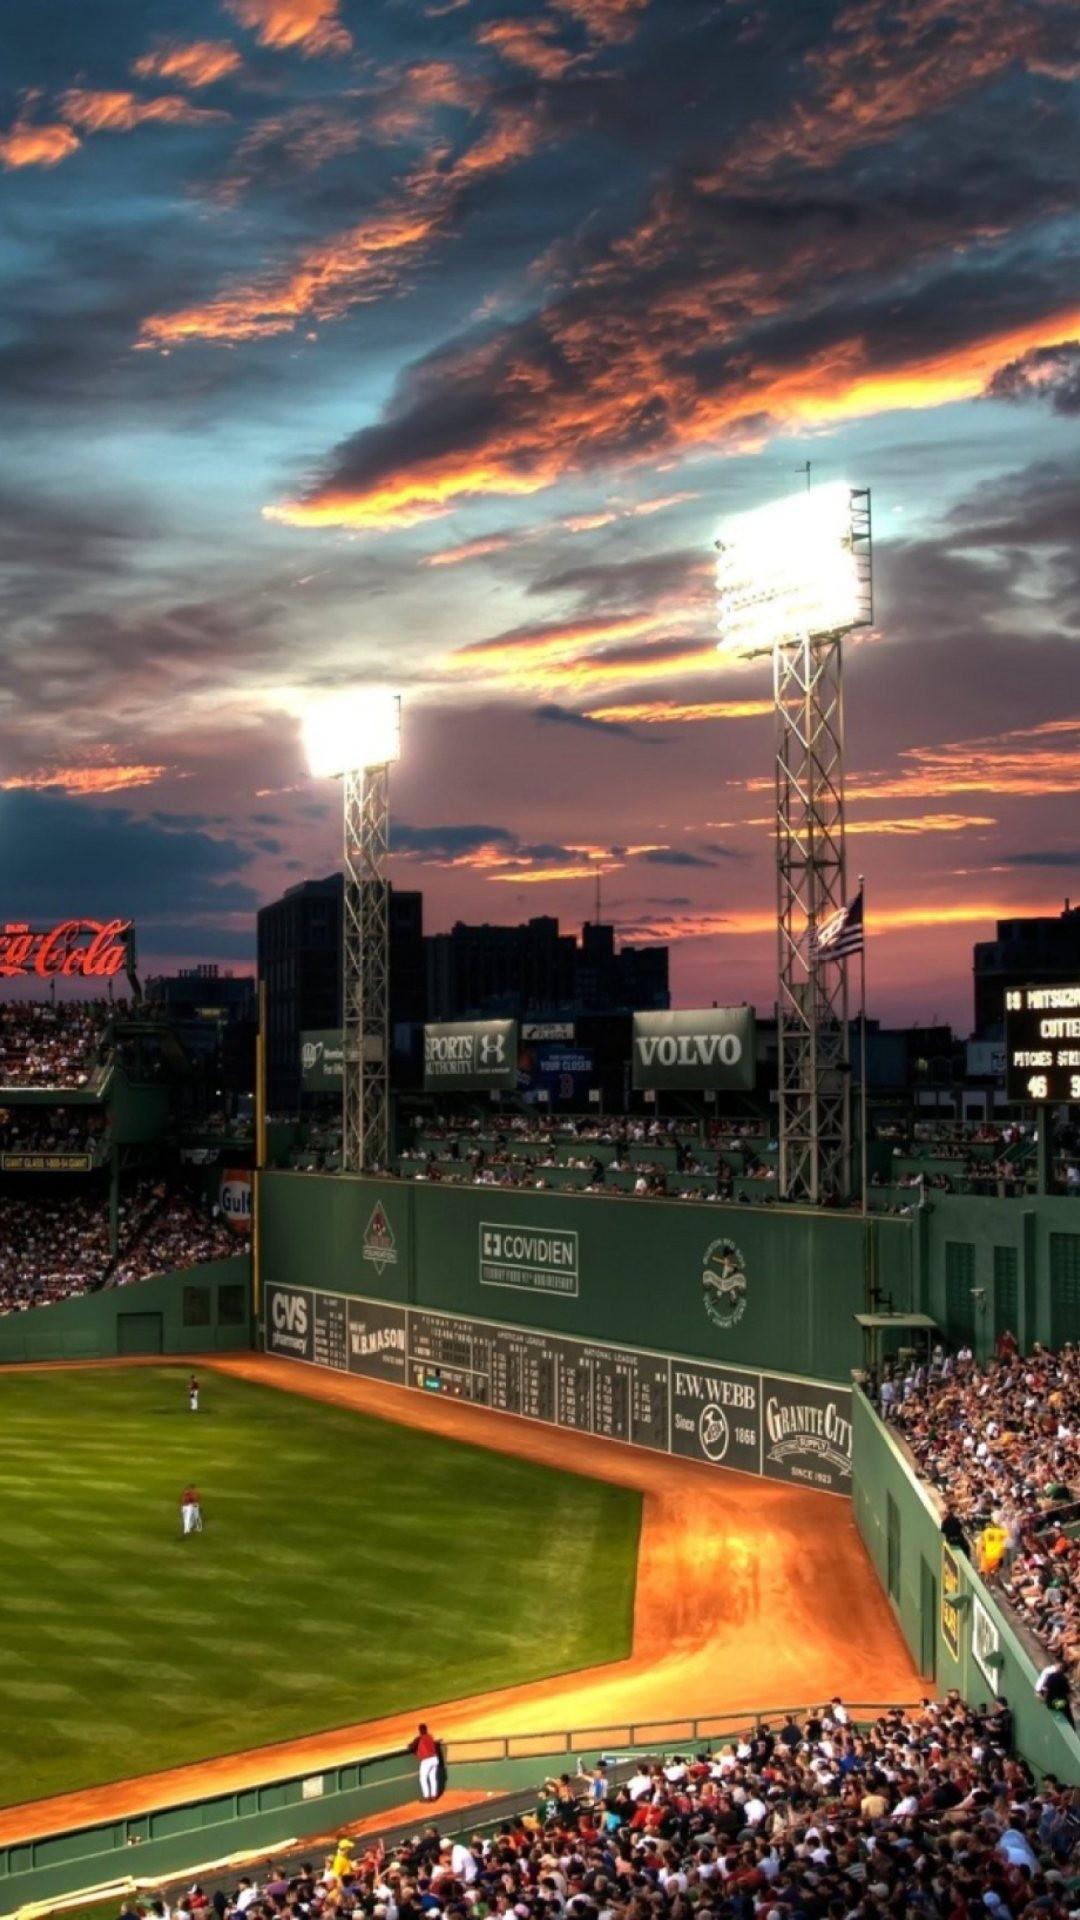 Fenway Park Boston Massachusetts Wallpaper for